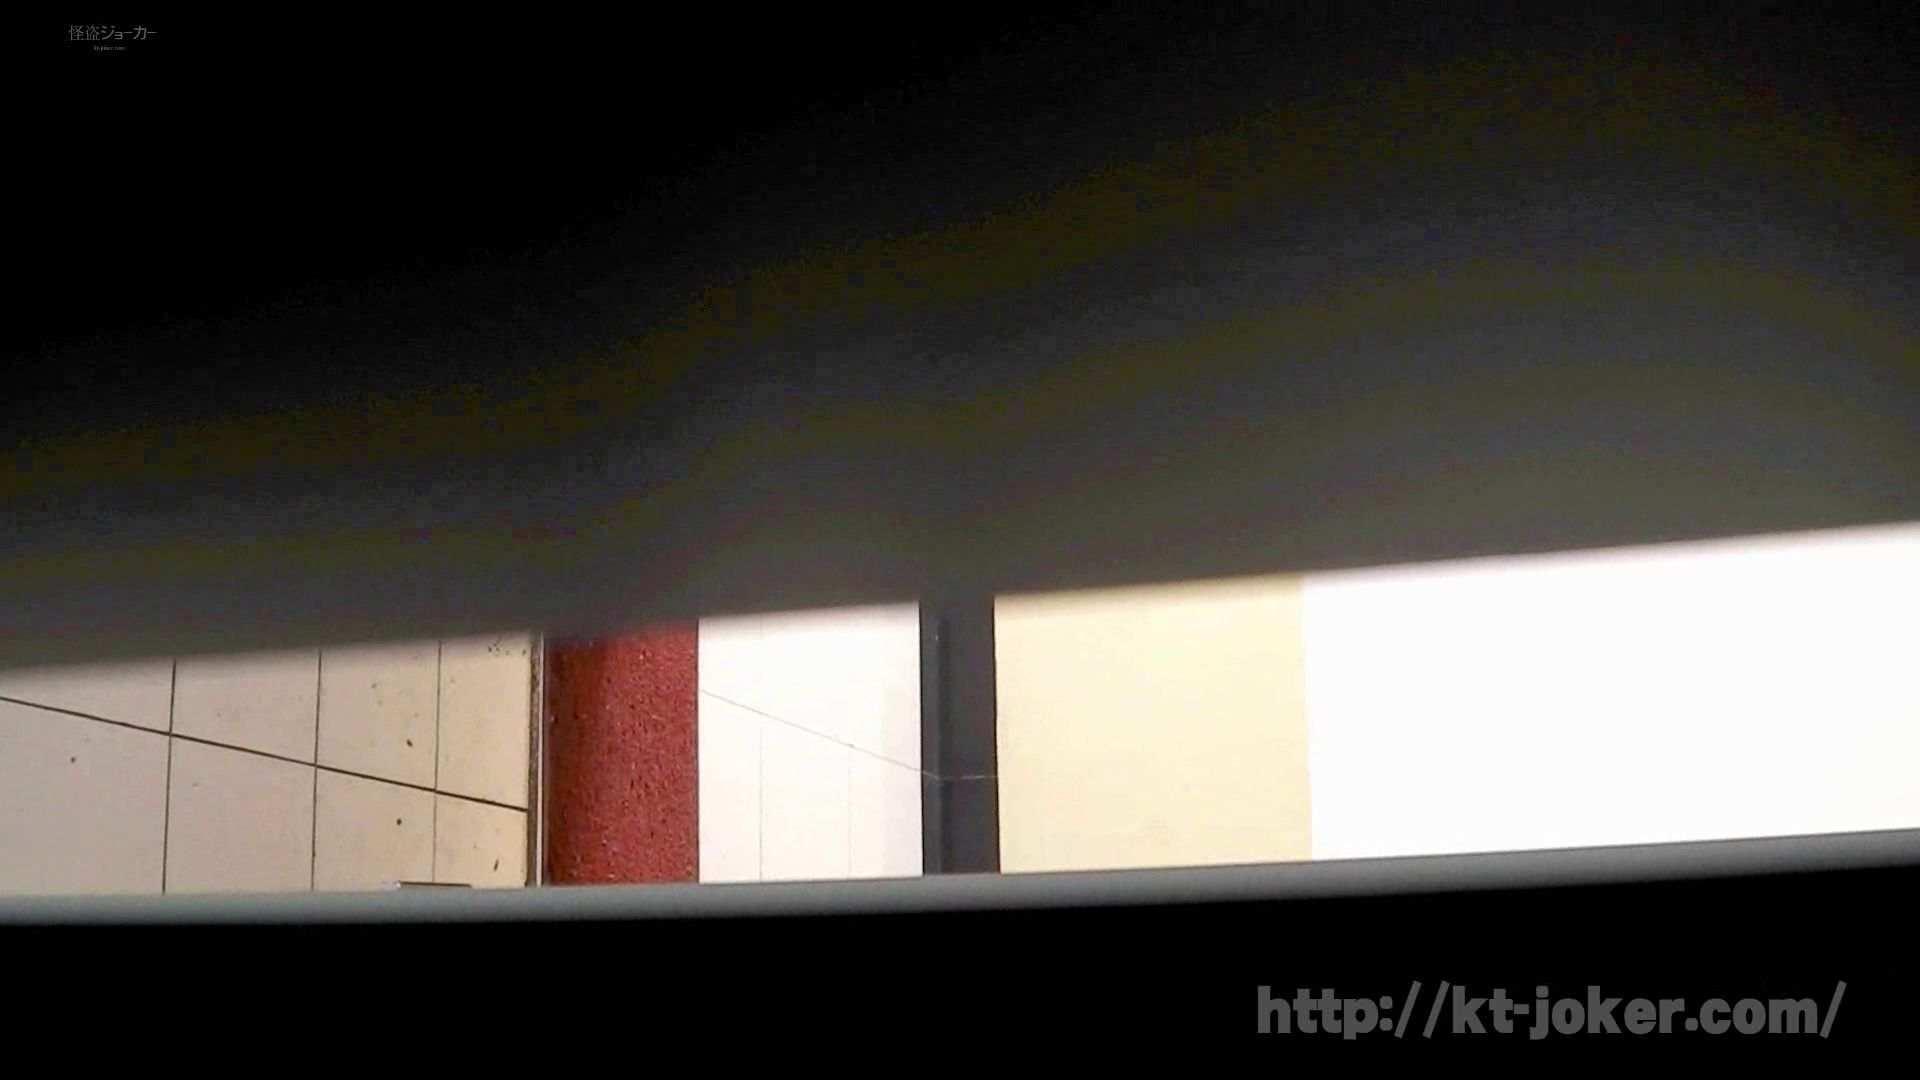 命がけ潜伏洗面所! vol.63 美女OL オマンコ動画キャプチャ 109連発 53